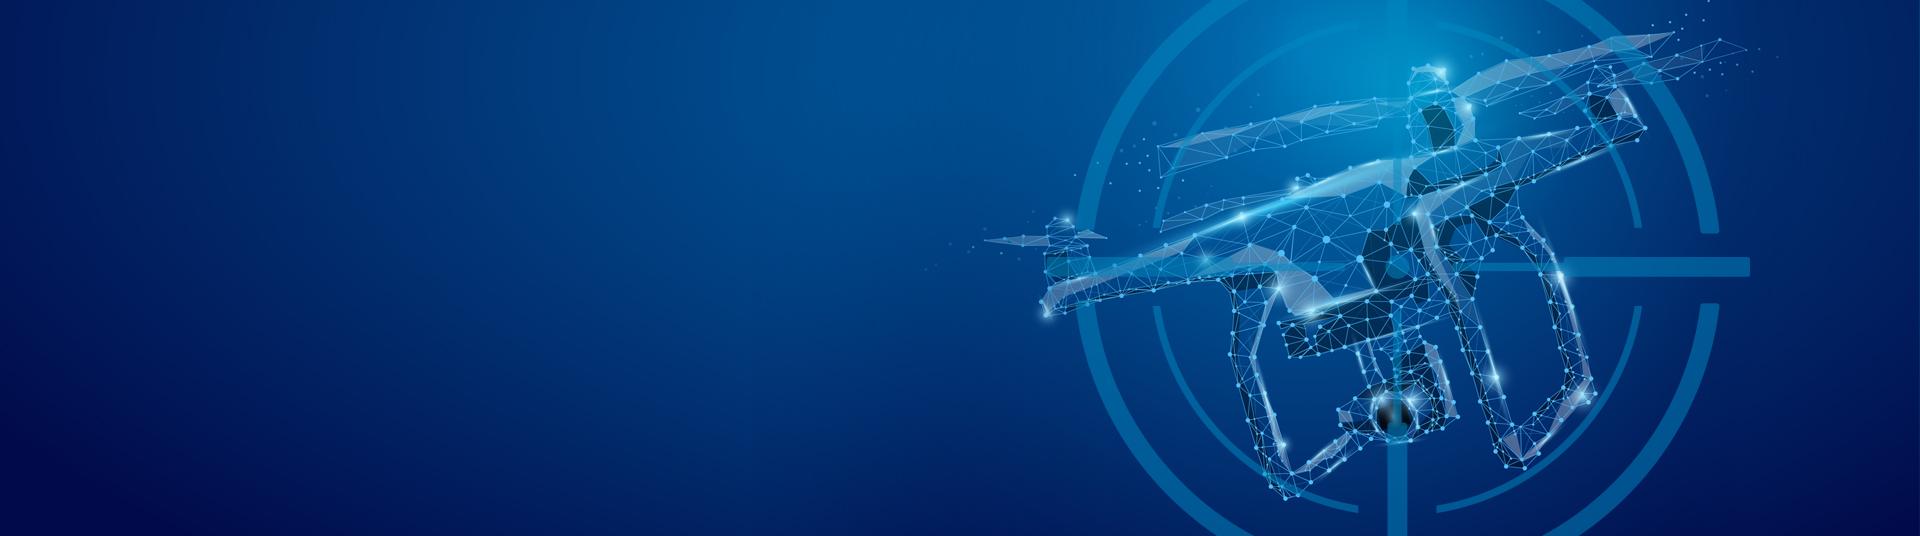 Ticari Pazardaki Tüm Dronlara Karşı Etkili